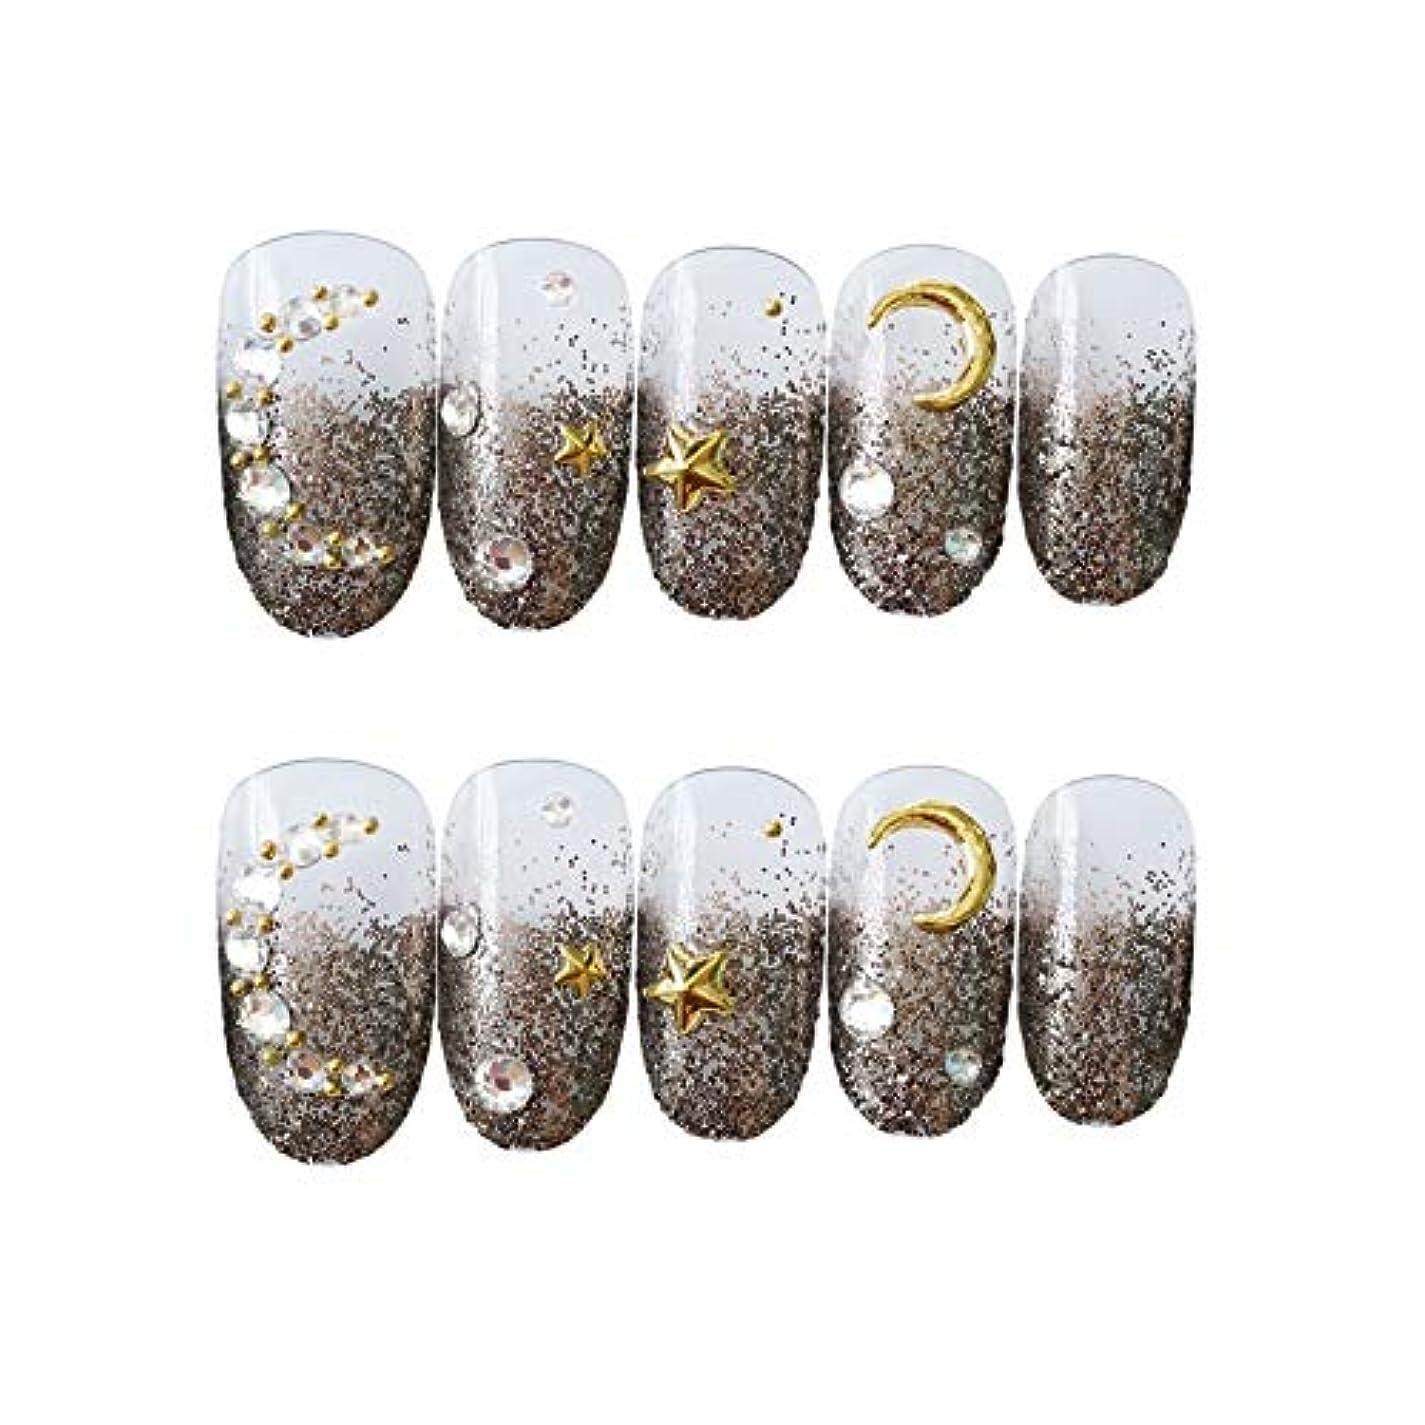 認証交換可能幽霊NANNAN ネイルチップ 3D ネイルチップ 綺麗な飾り付け 24枚入 原宿 和風 夢幻 和装 手作りネイルチップ 結婚式ネイルチップ